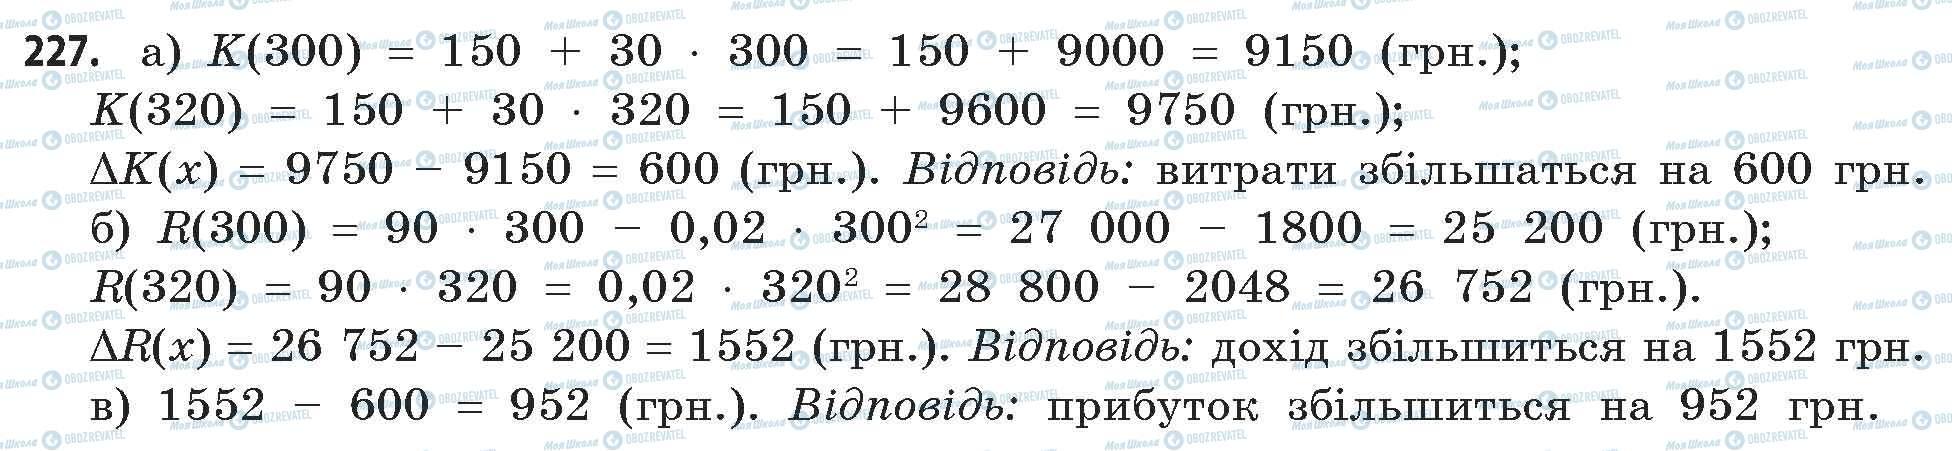 ГДЗ Математика 11 класс страница 227